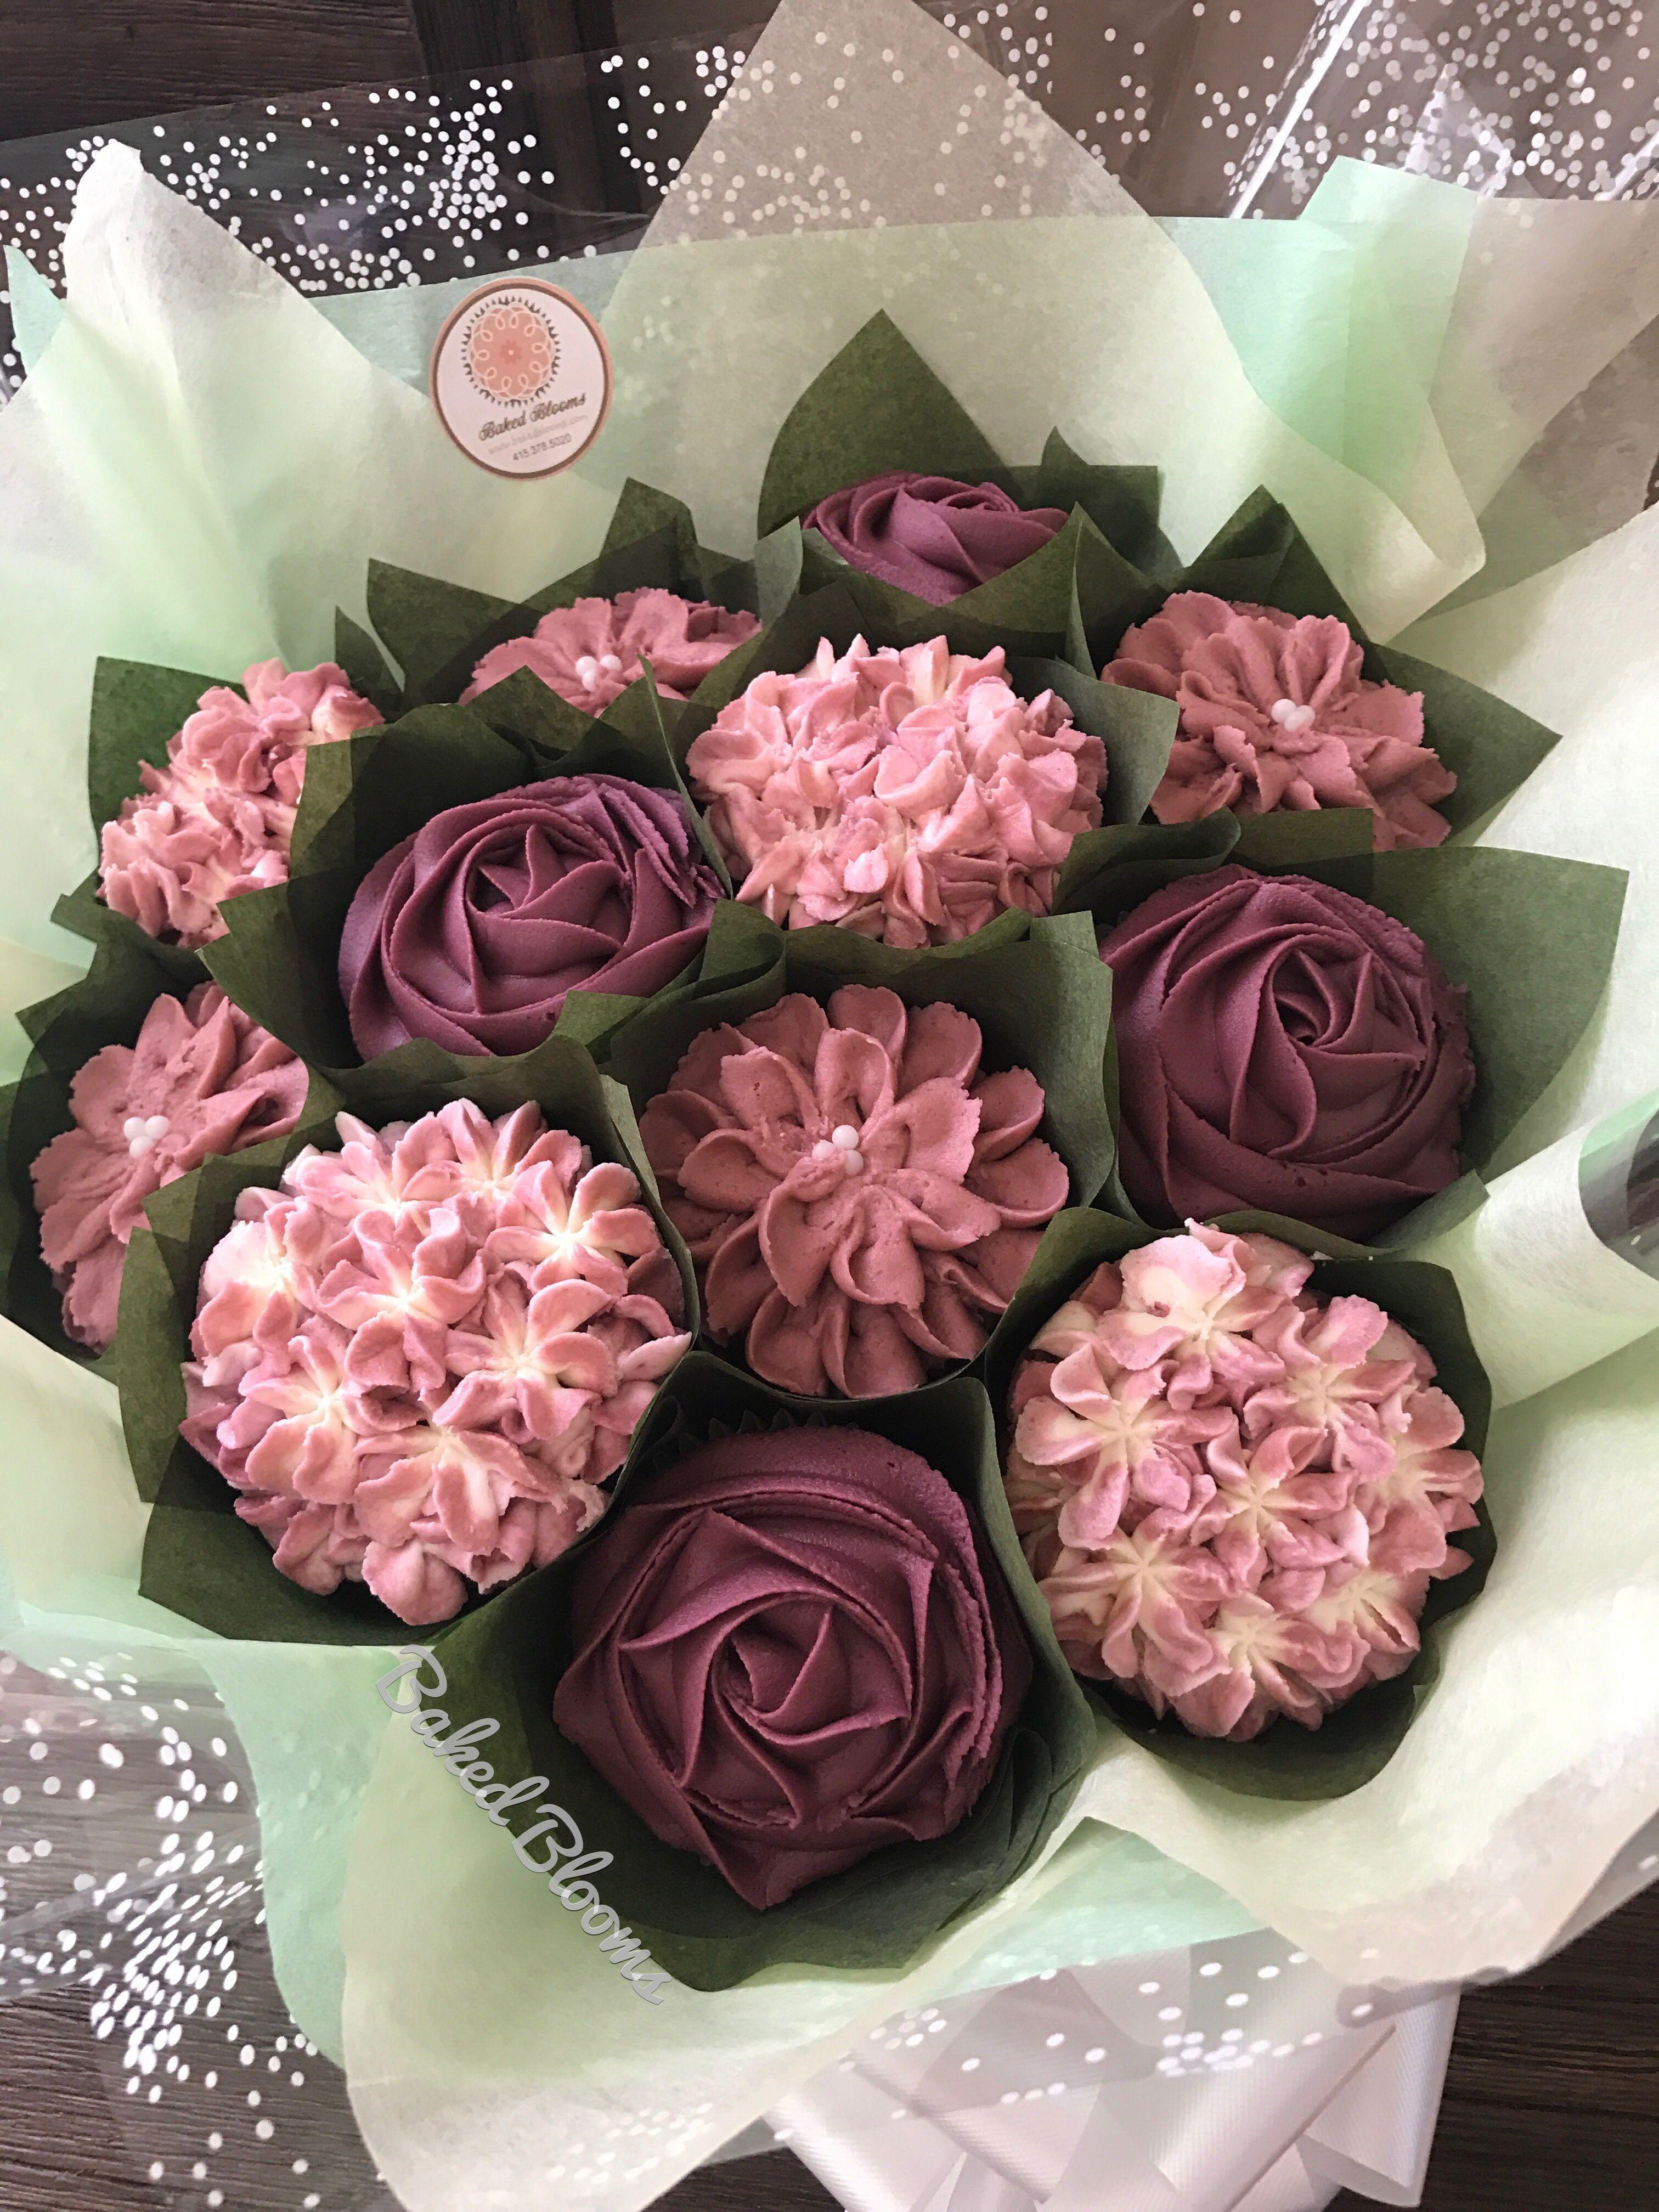 Bouquet with a dozen cupcakes bakedblooms baked blooms bouquet with a dozen cupcakes bakedblooms izmirmasajfo